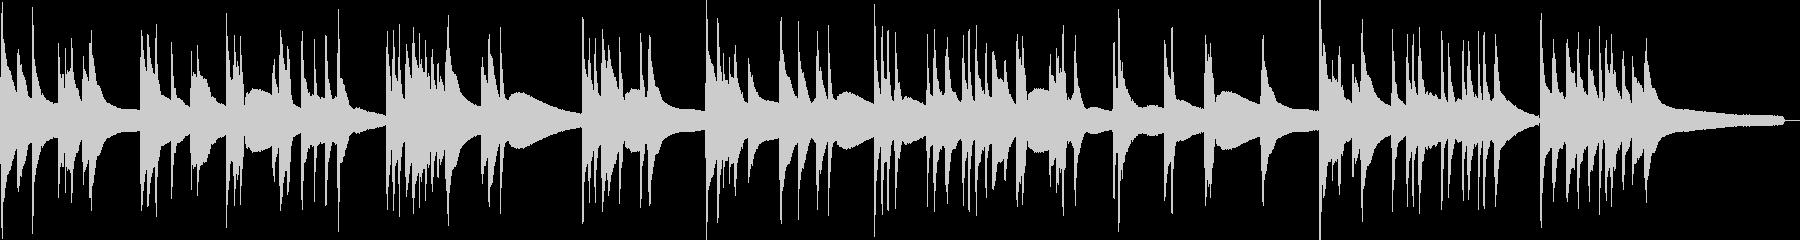 渋いアコースティックベースソロ曲2の未再生の波形